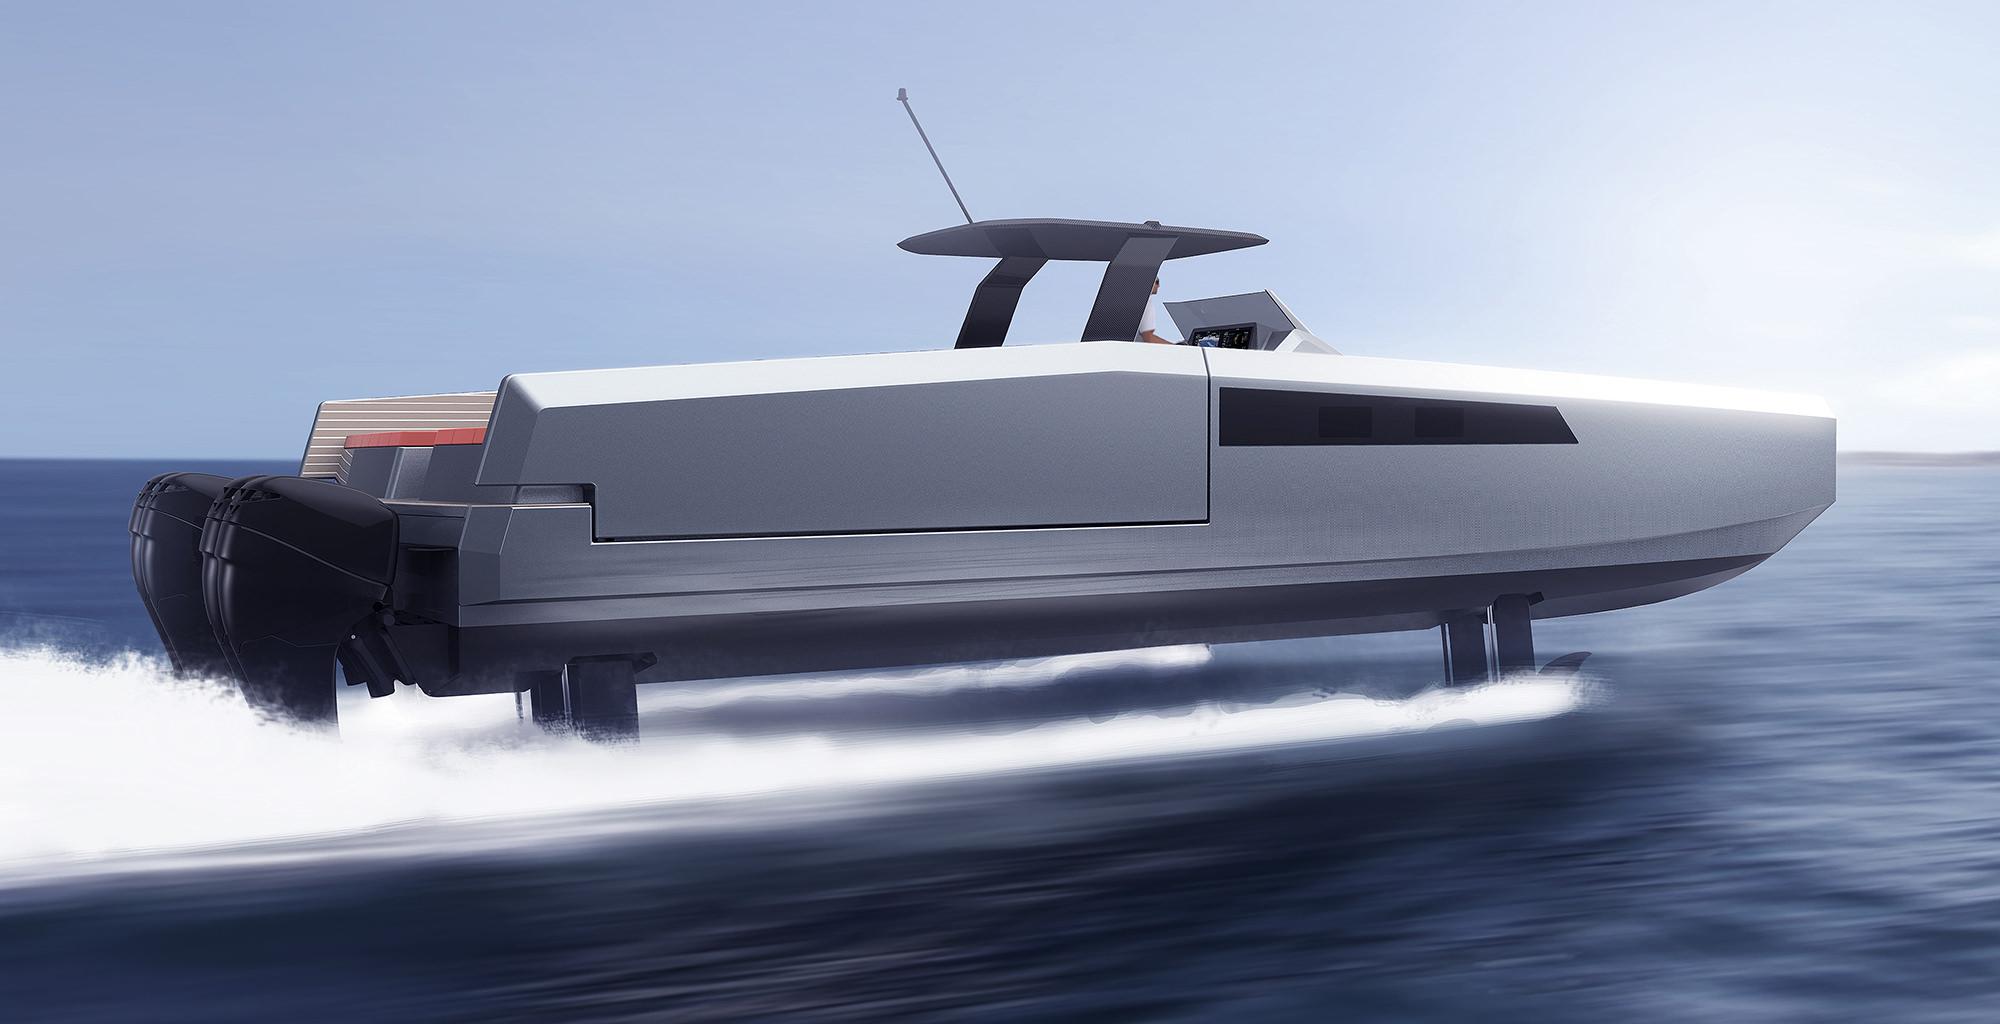 Версия на подводных крыльях Sunreef 40 Open Power H